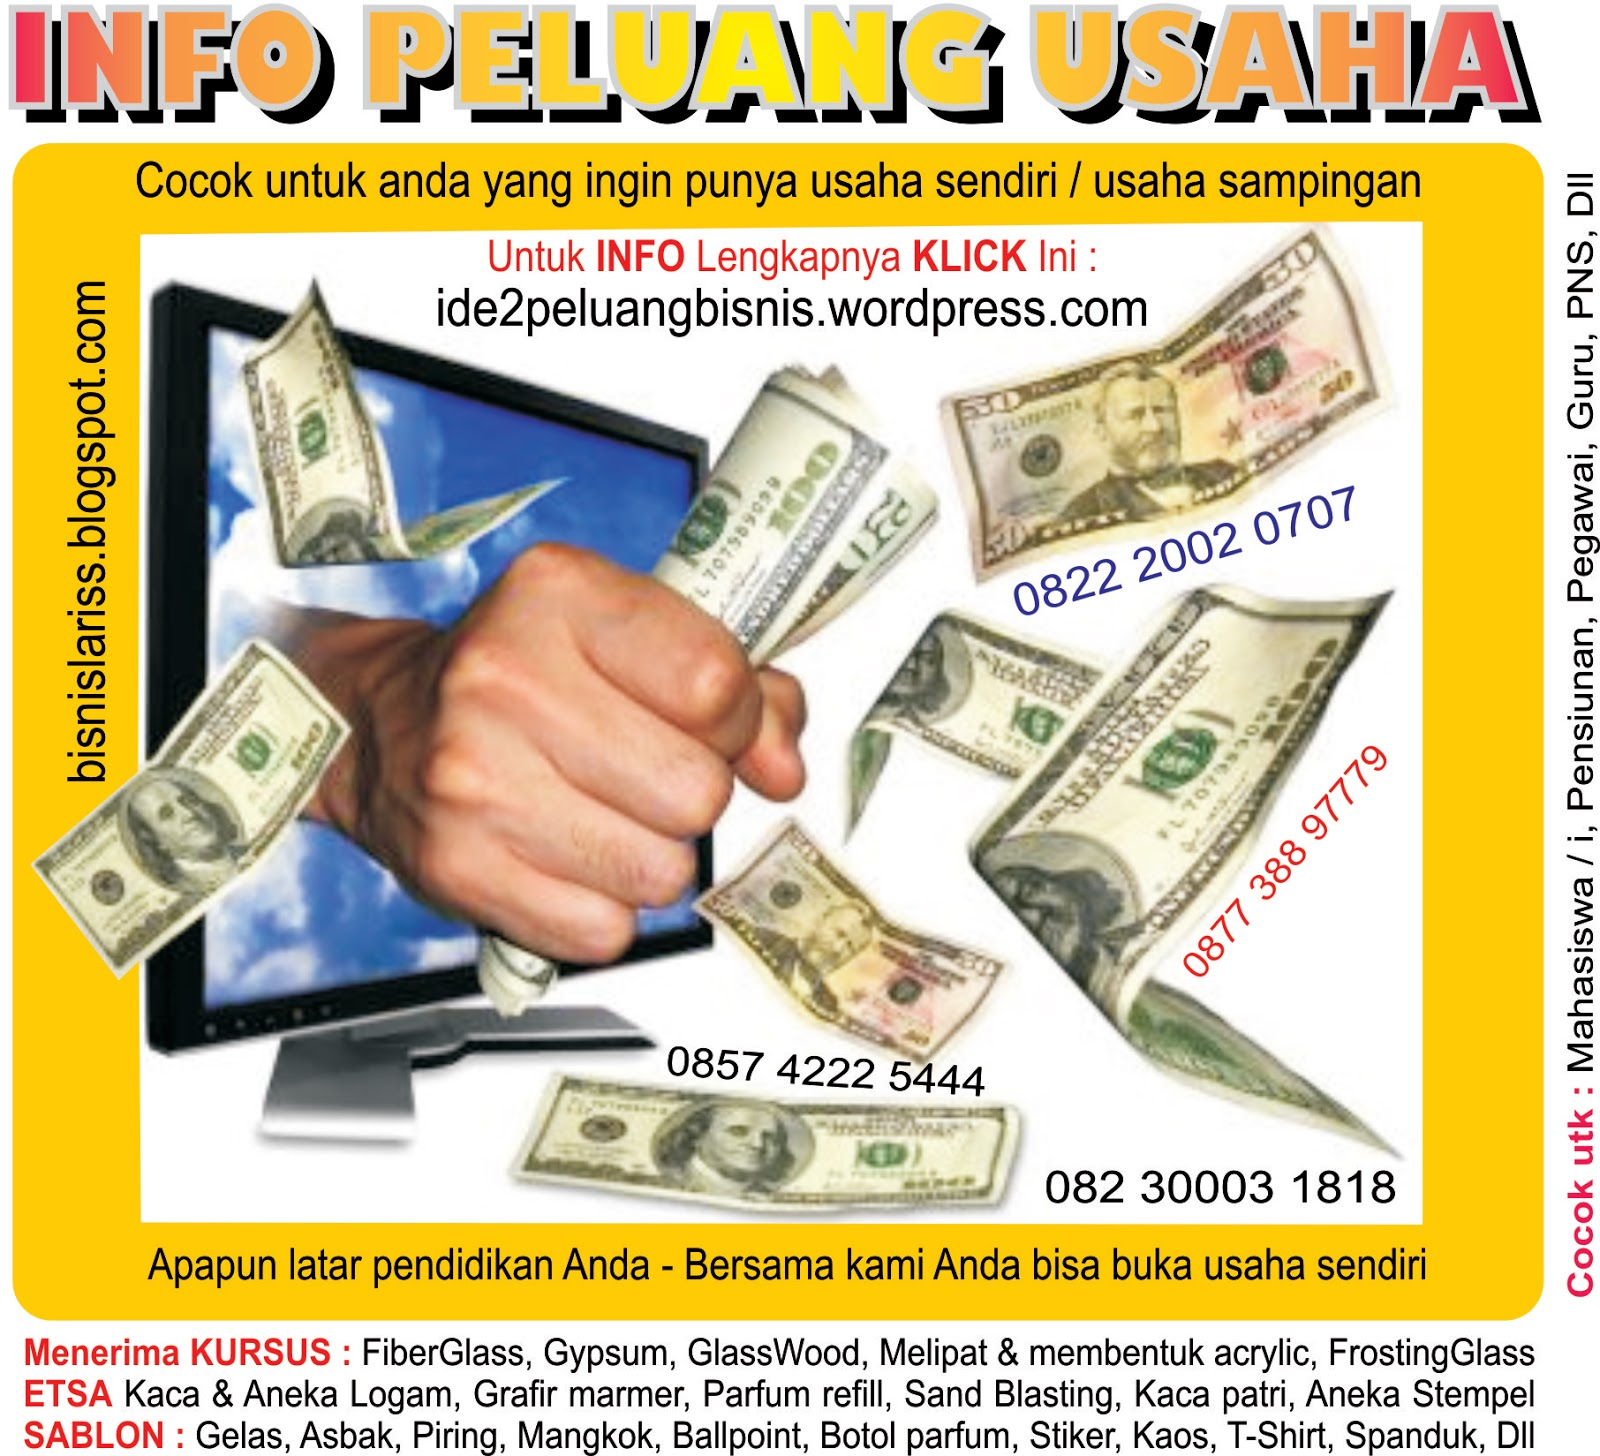 Http Www Bekalcarikerja Wordpress Com Website Ini: Percetakan, Digital Printing, Offset, Kursus.: Http://www